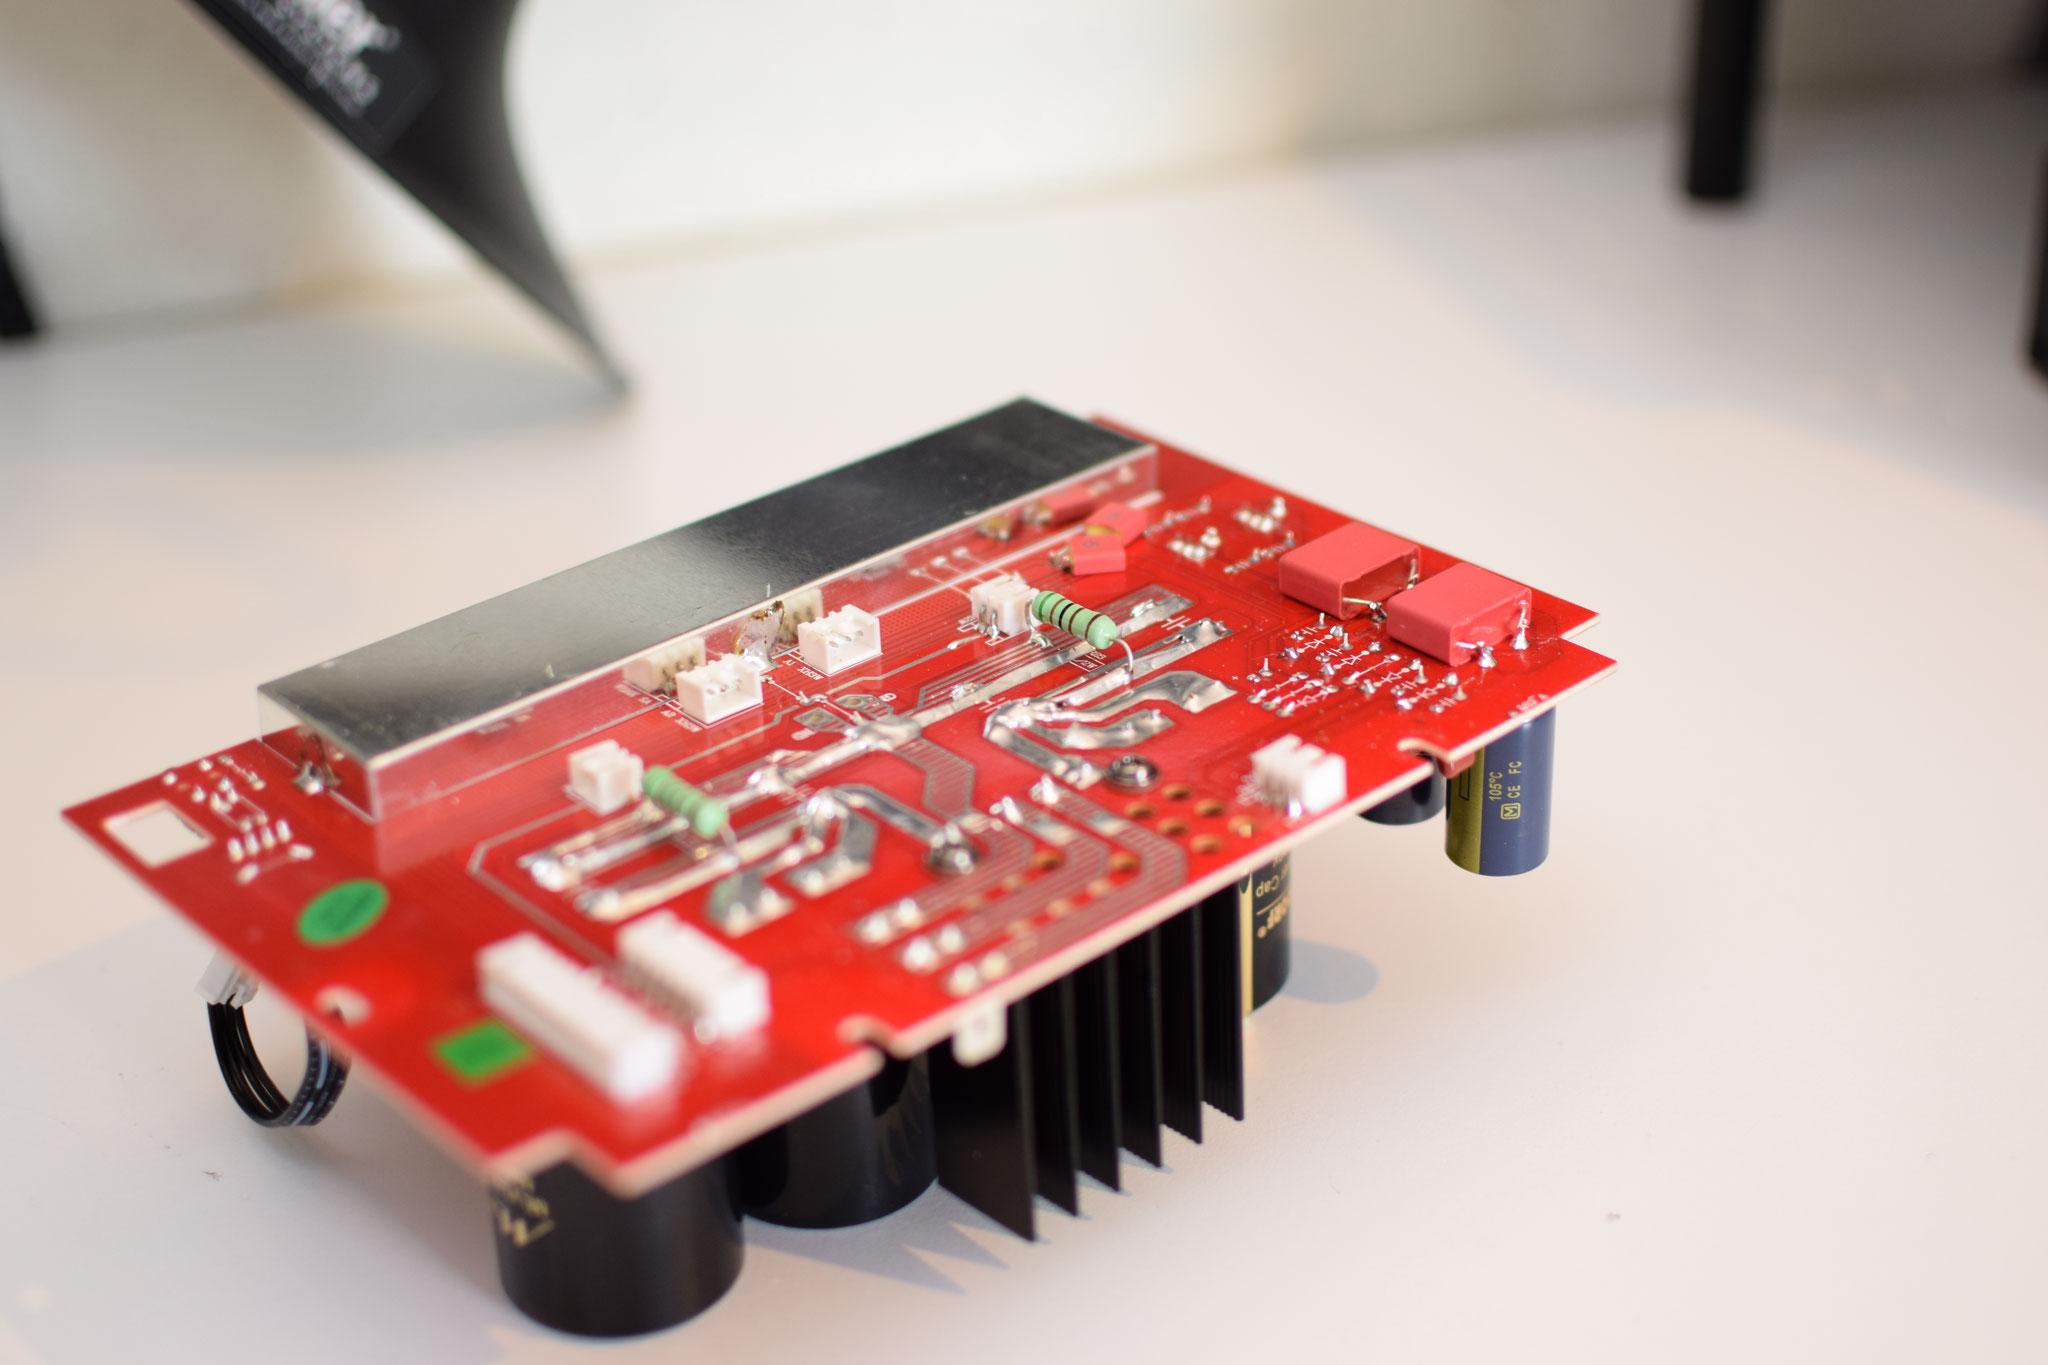 Advacne Acoustic Paris X-A160 Pufferboard modifiziert